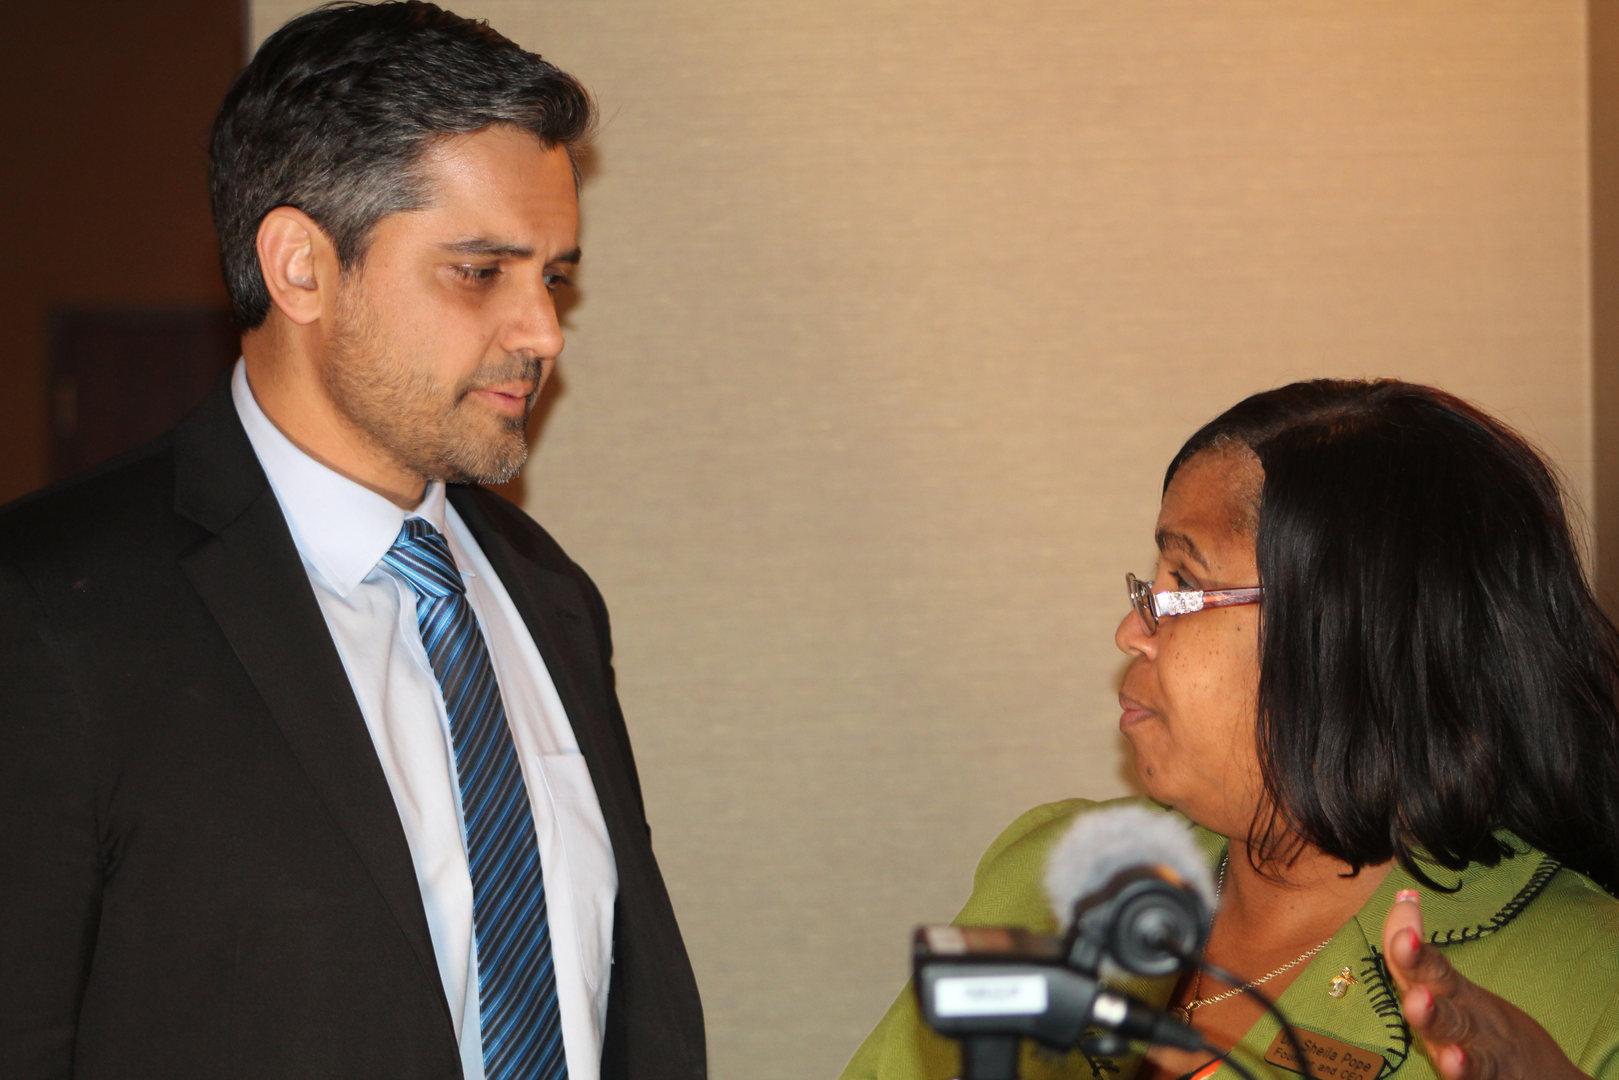 Dr. Pope Interviews Sri Preston Kulkarni